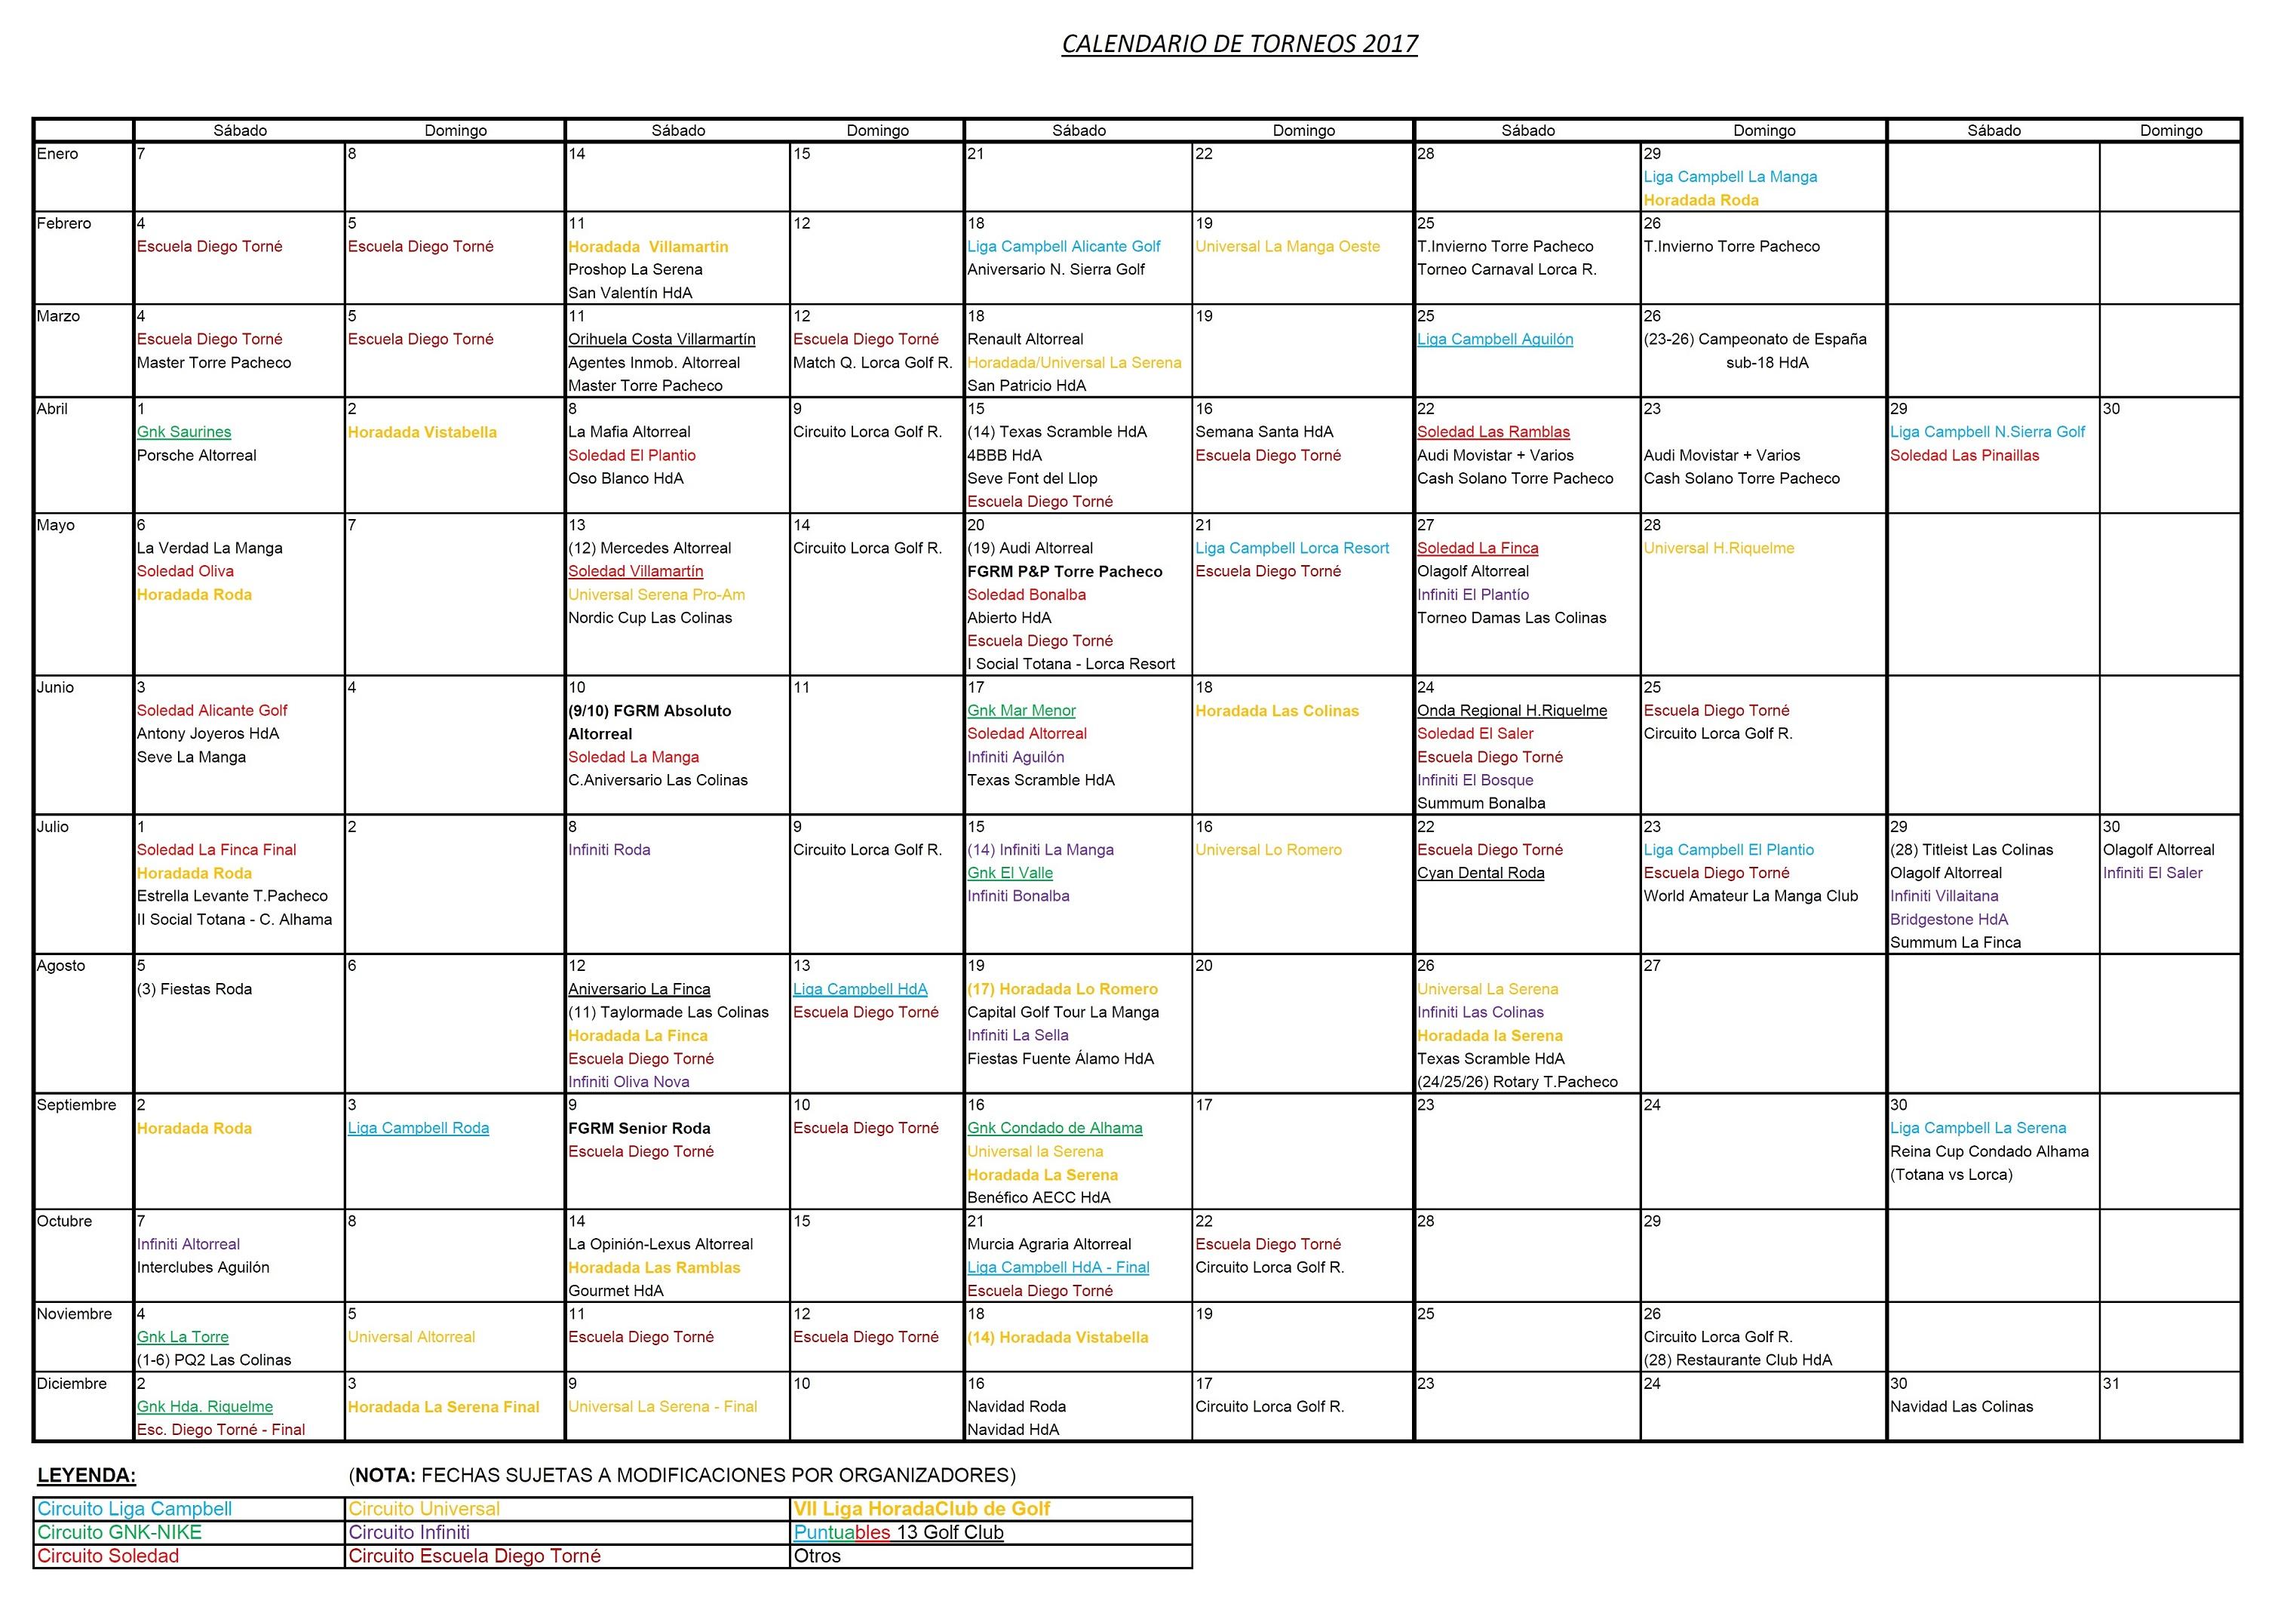 170411 Actualización de Calendario de Torneos